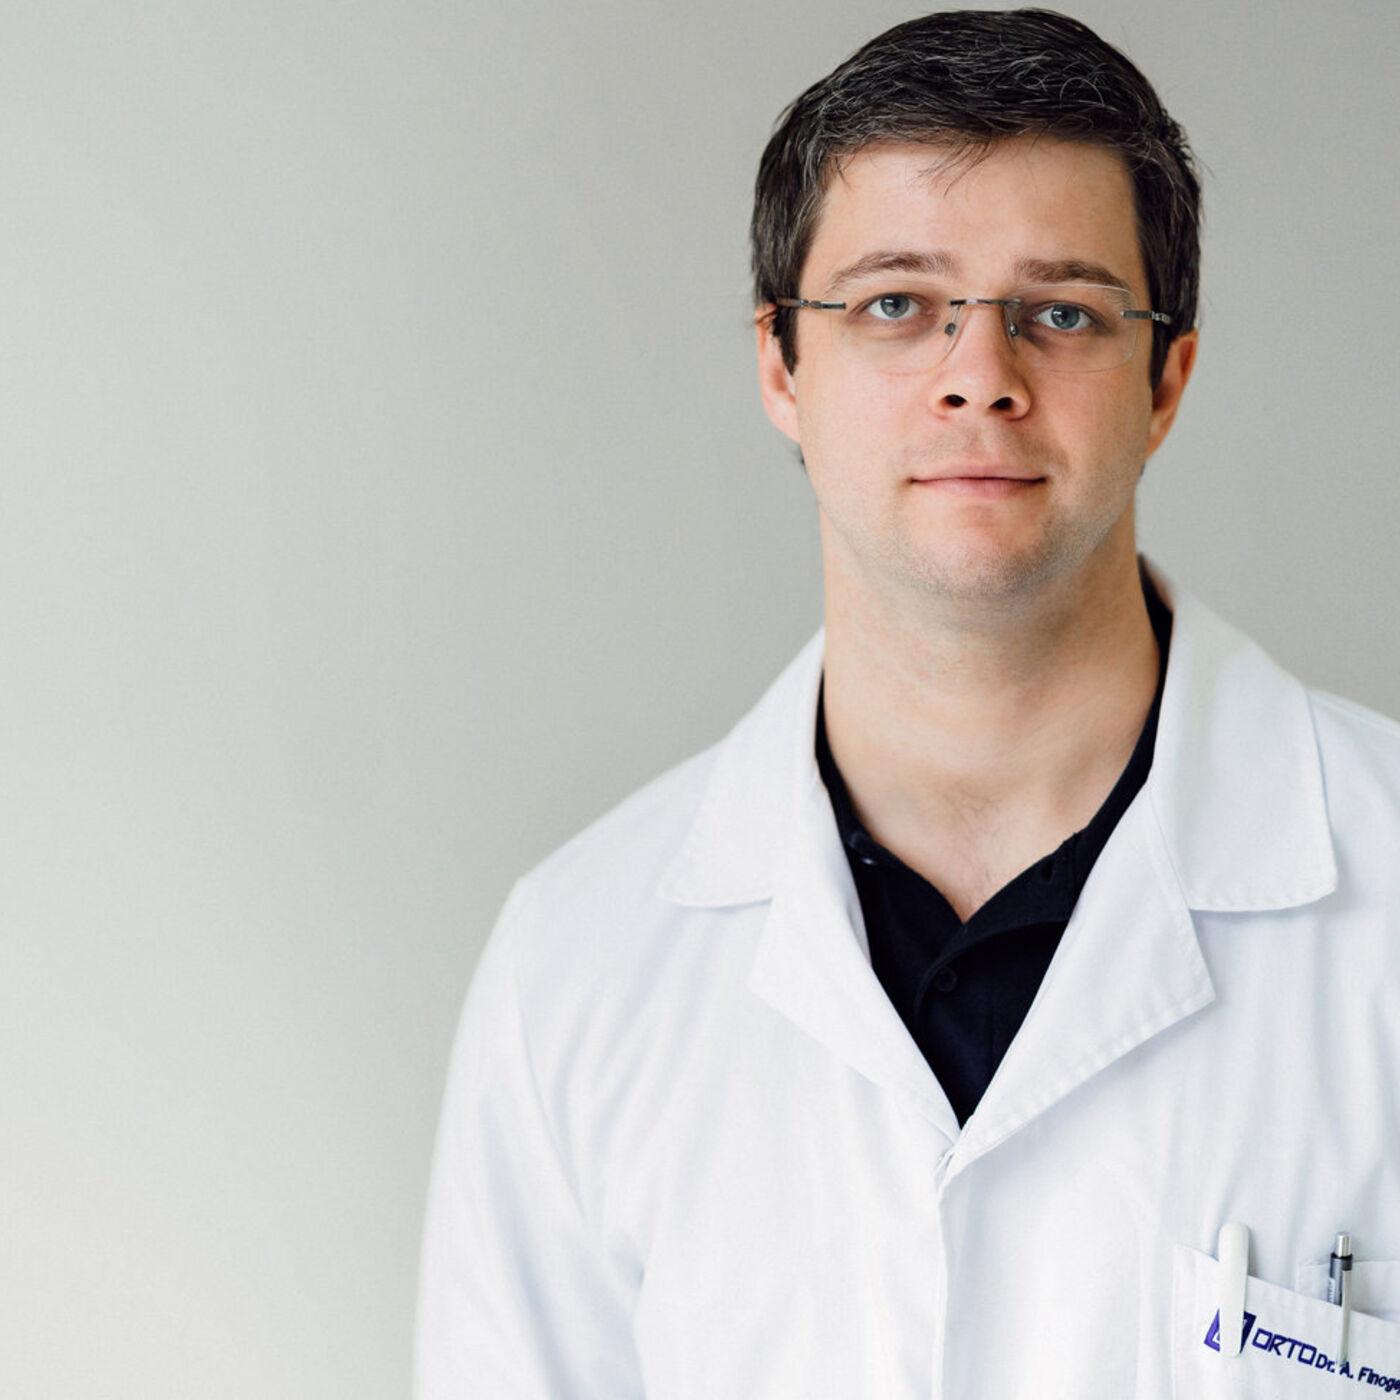 Gada ārsts - speciālists - ORTO Klīnikas traumatolgs, ortopēds